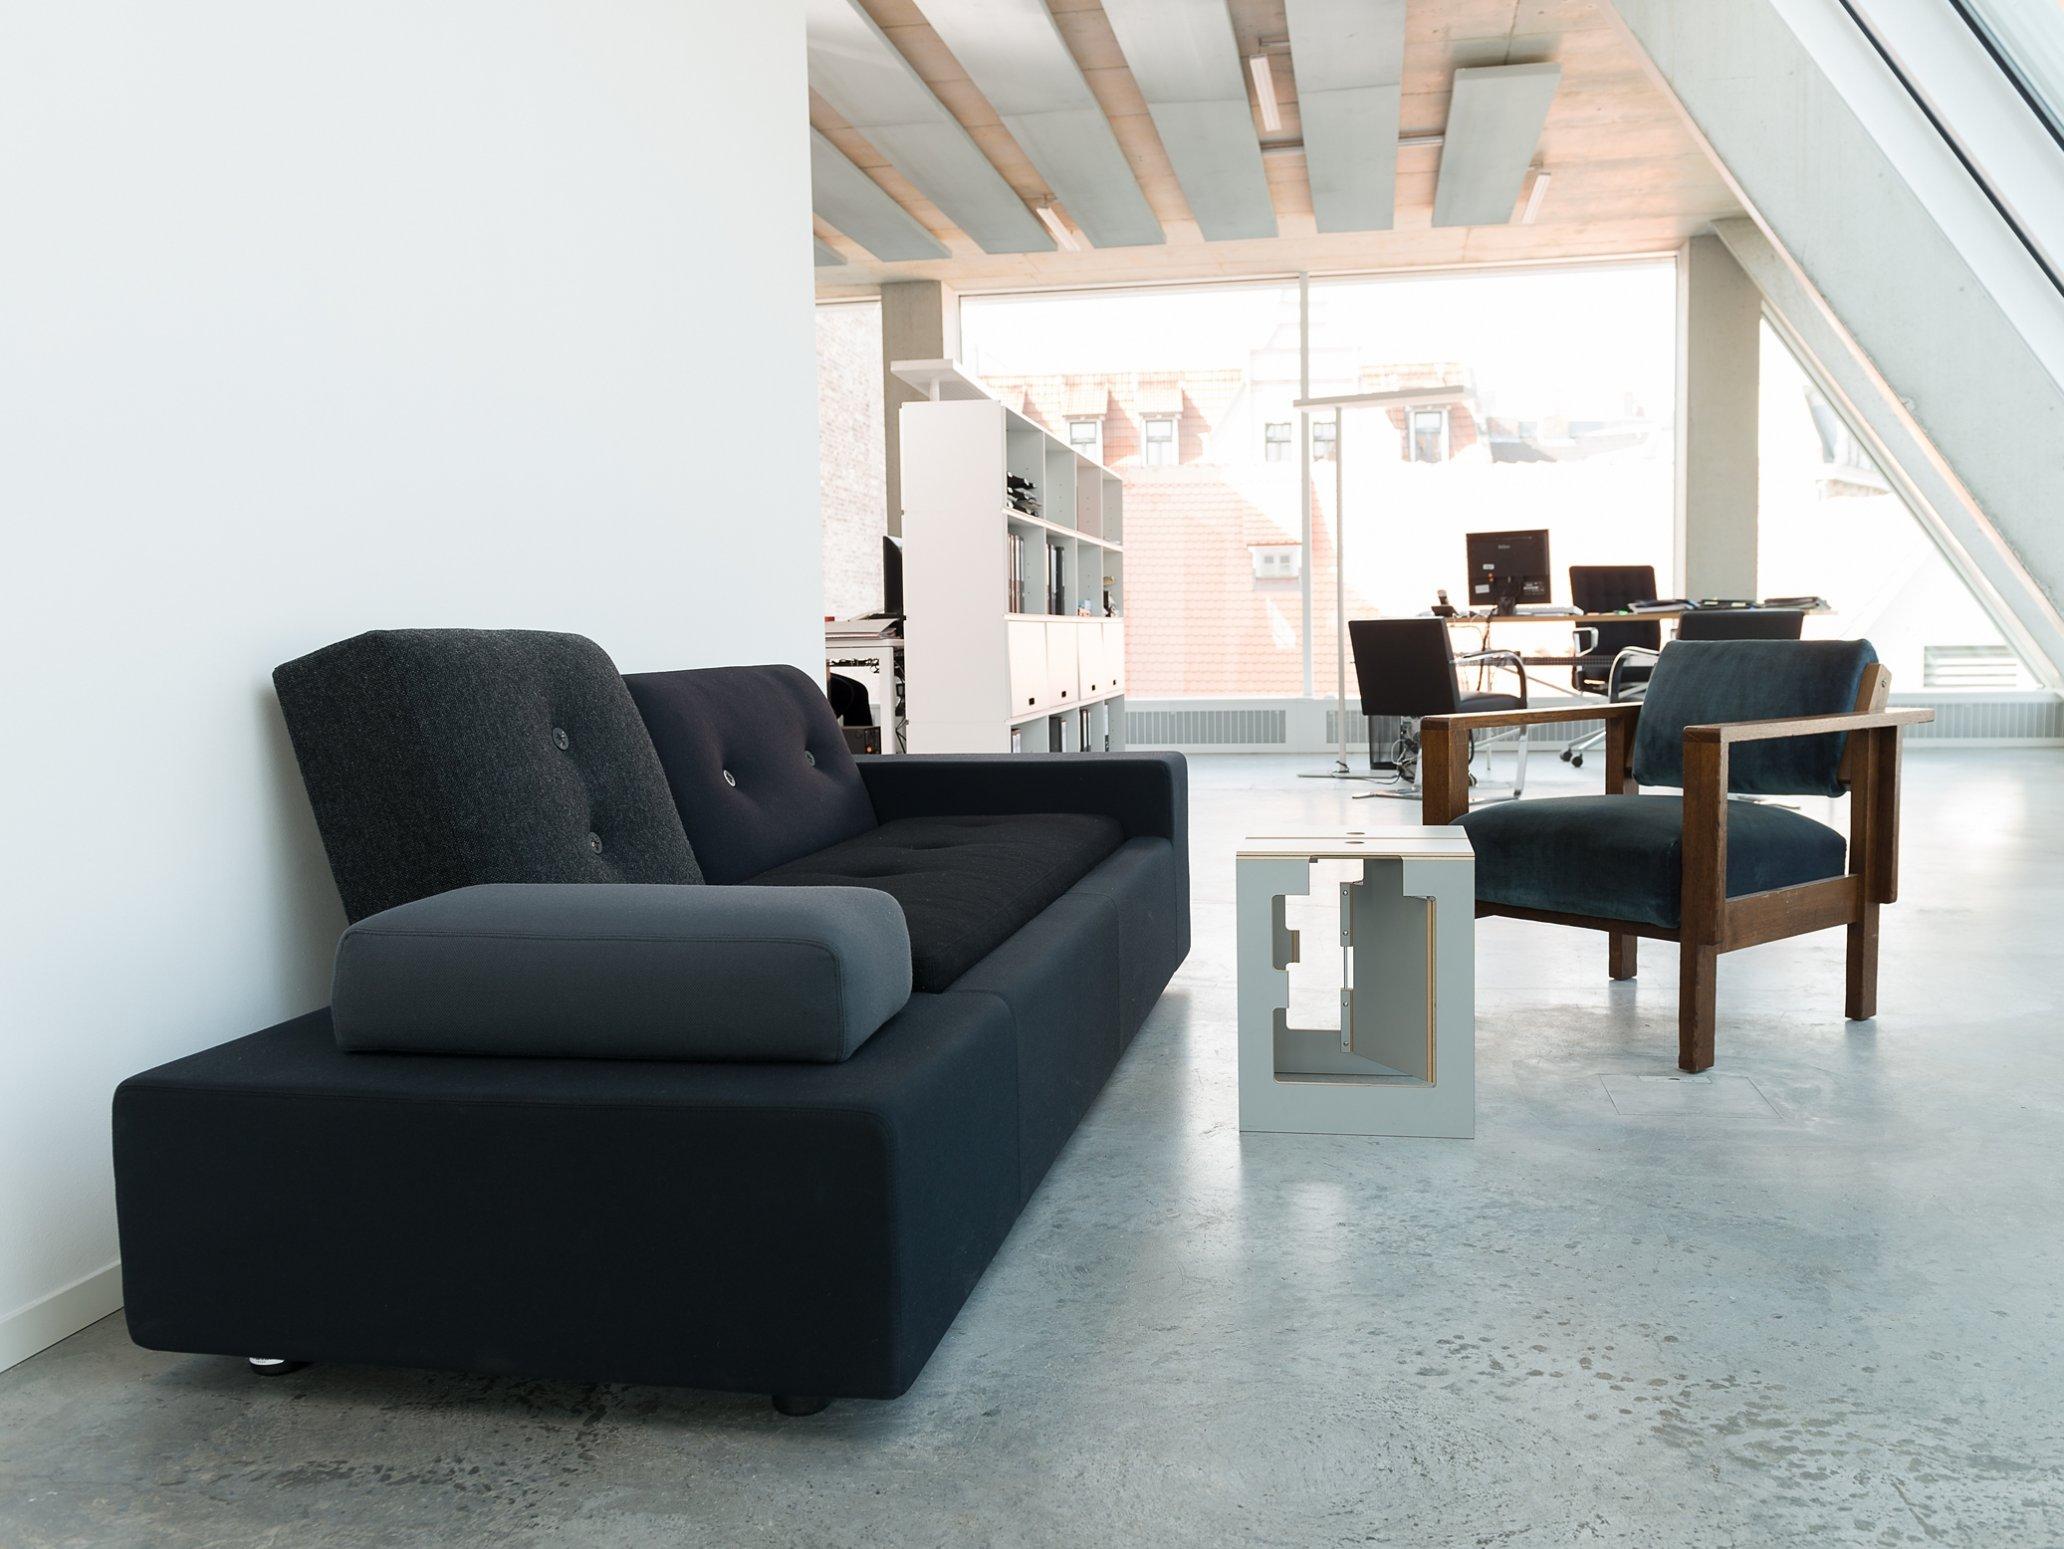 Kulturstiftung des Bundes Halle Lounge